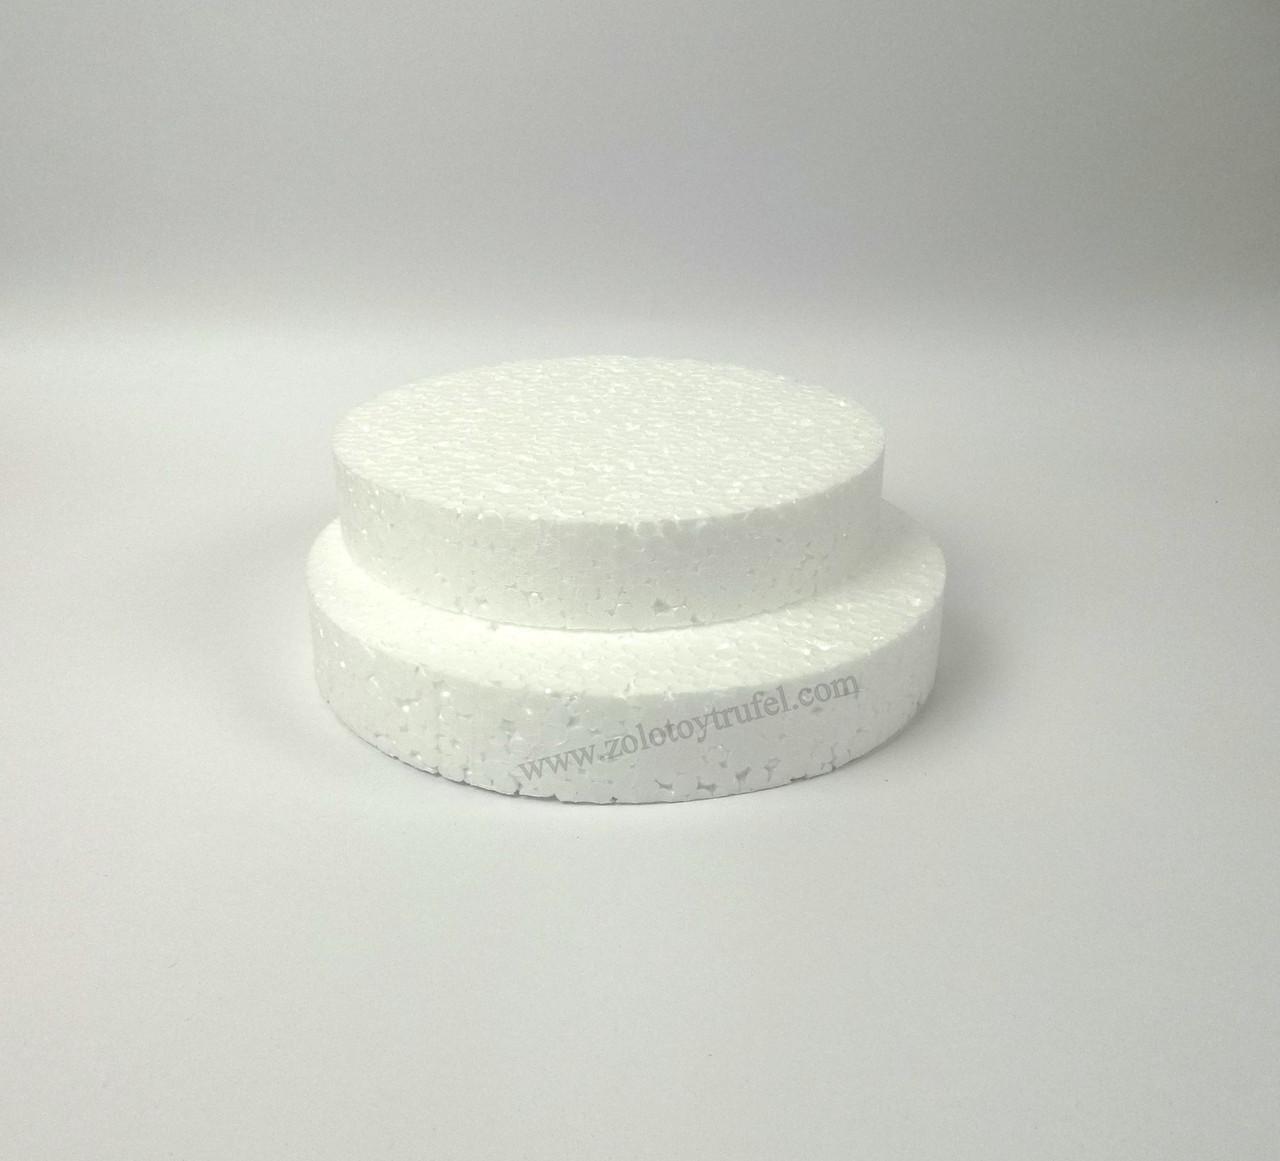 Прослойки пенопластовые для торта d 38 см h 3 см